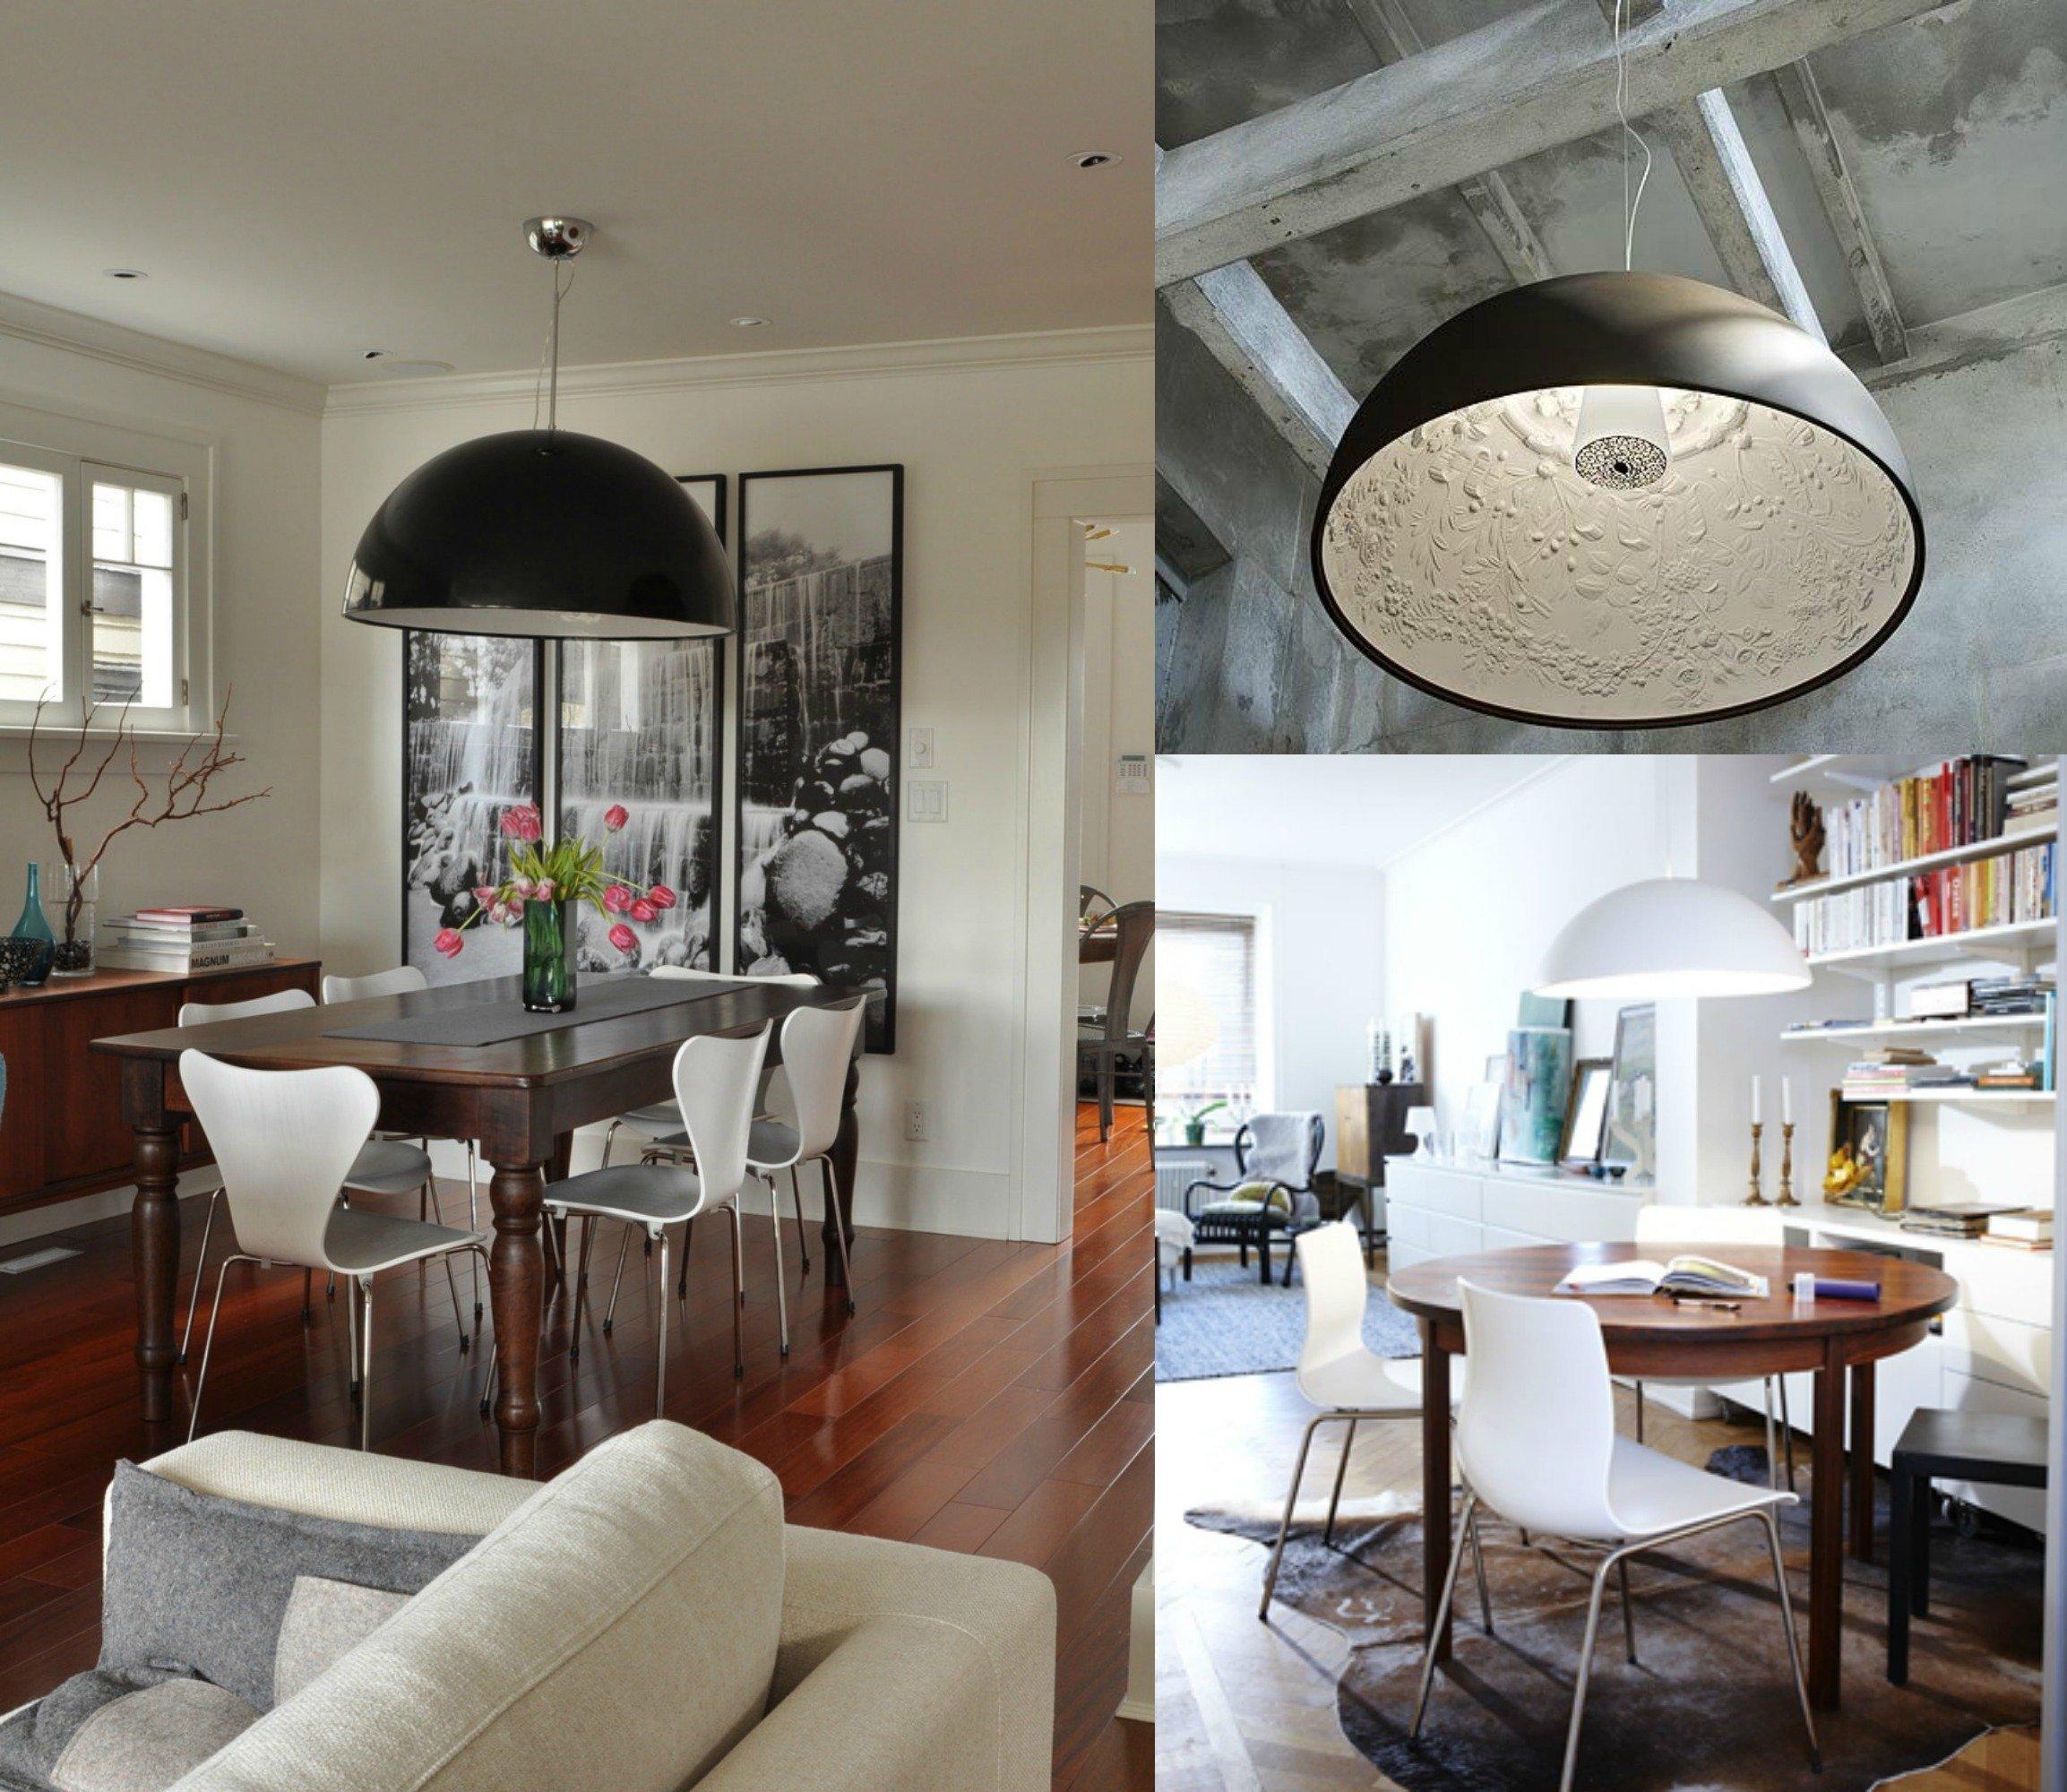 Forum Arredamento.it •suggerimenti illuminaz. ingresso-soggiorno ...